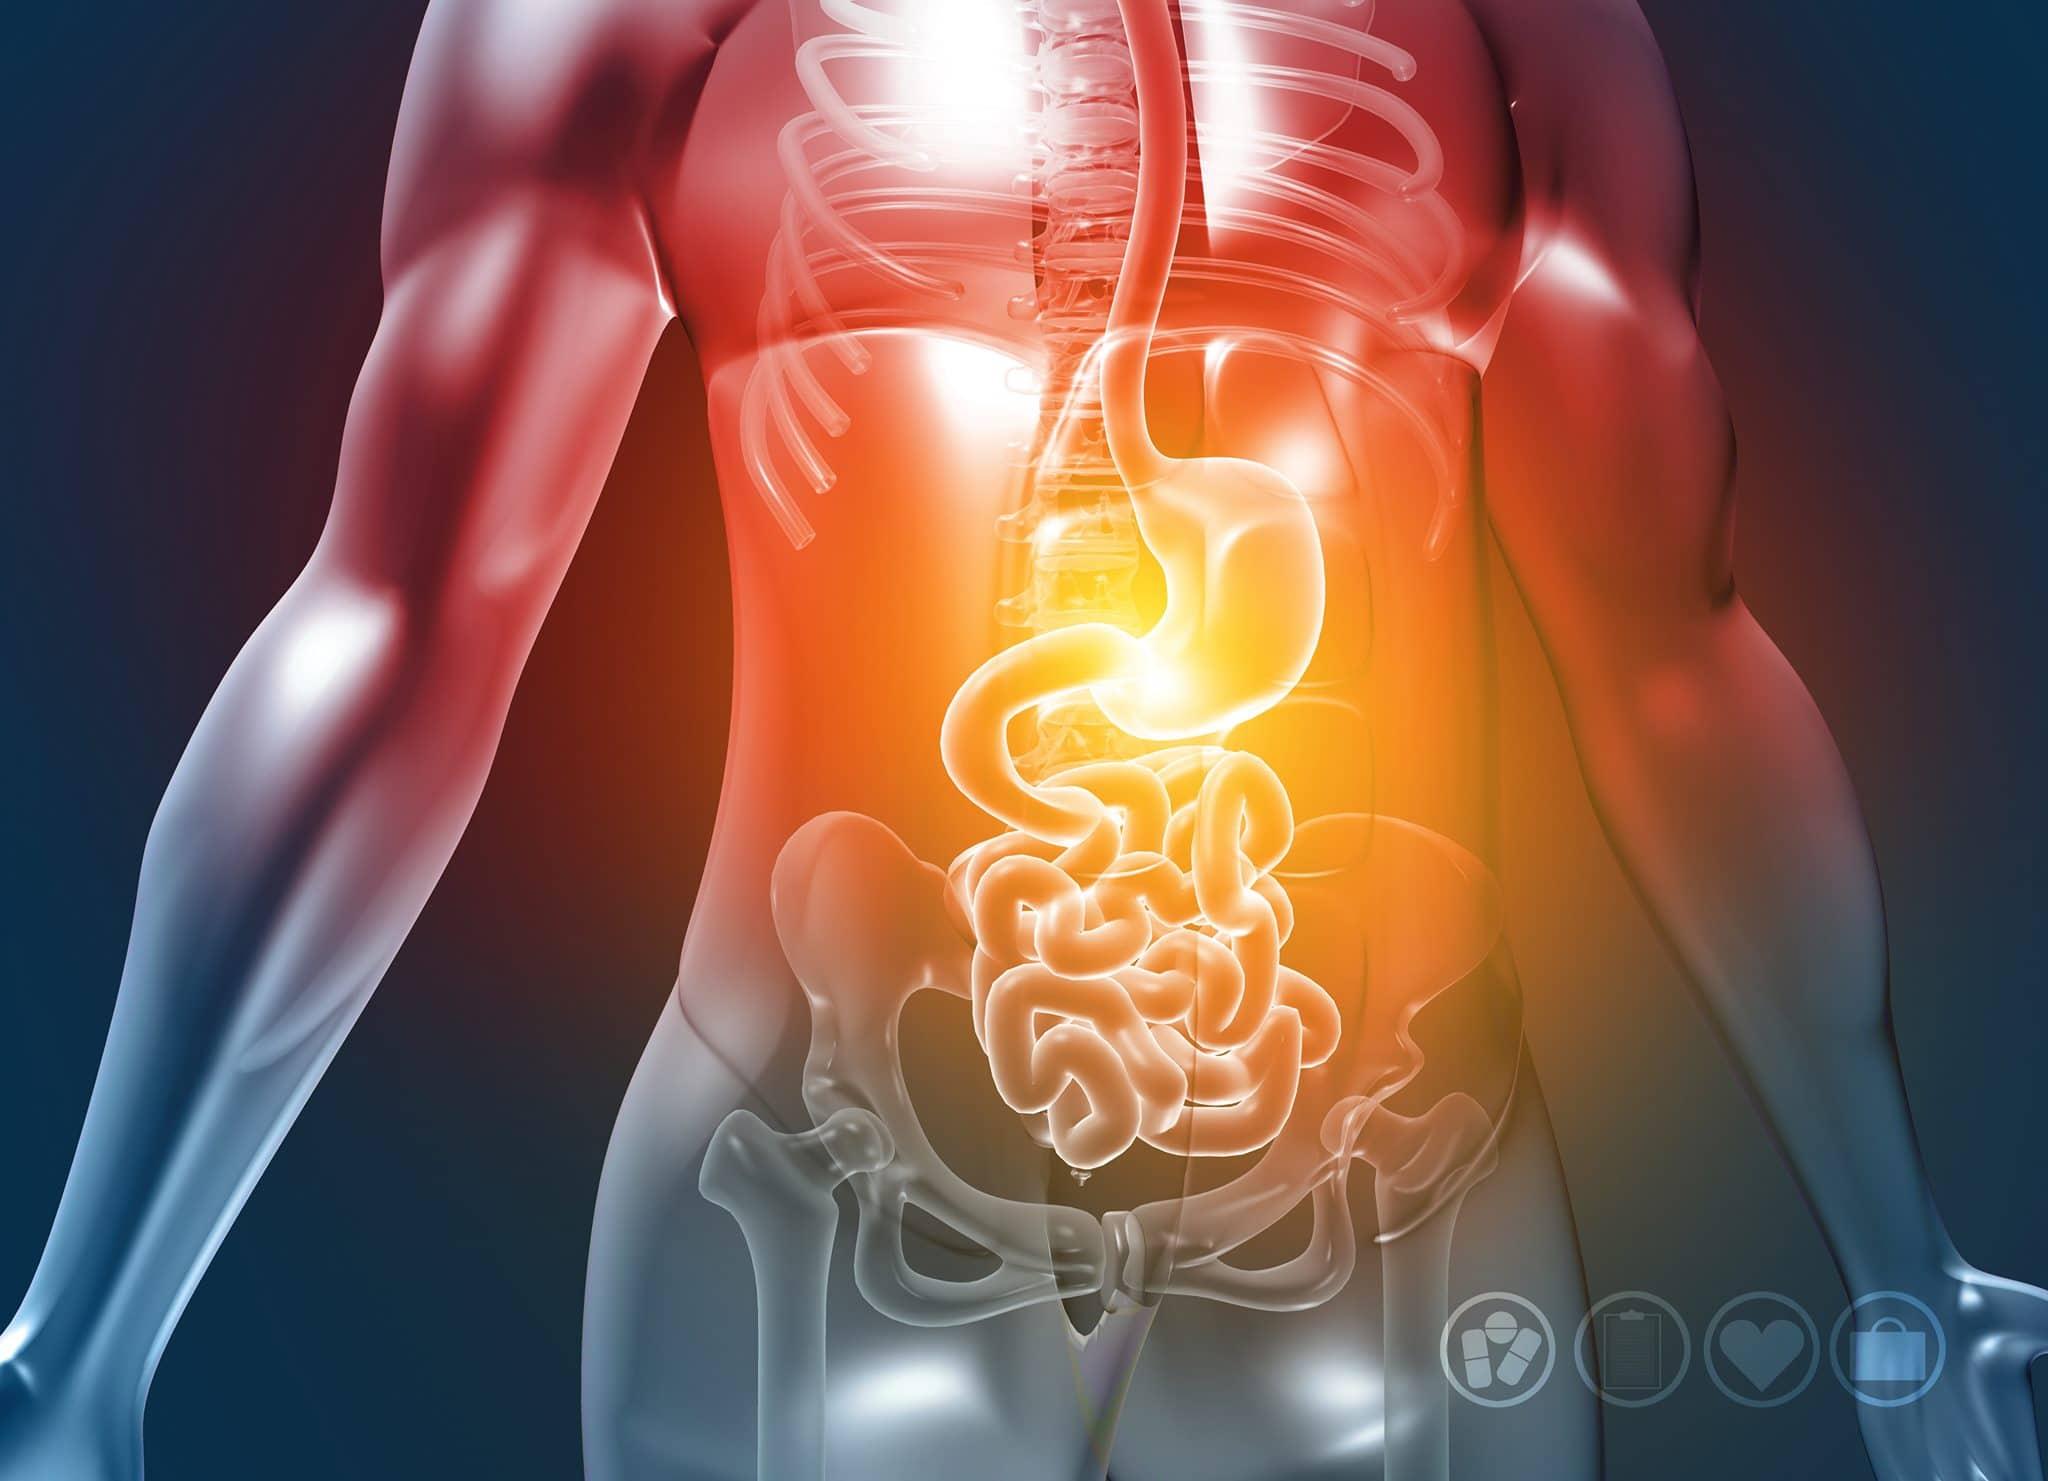 Oorzaken en plossingen voor colitis ulcerosa en crohn